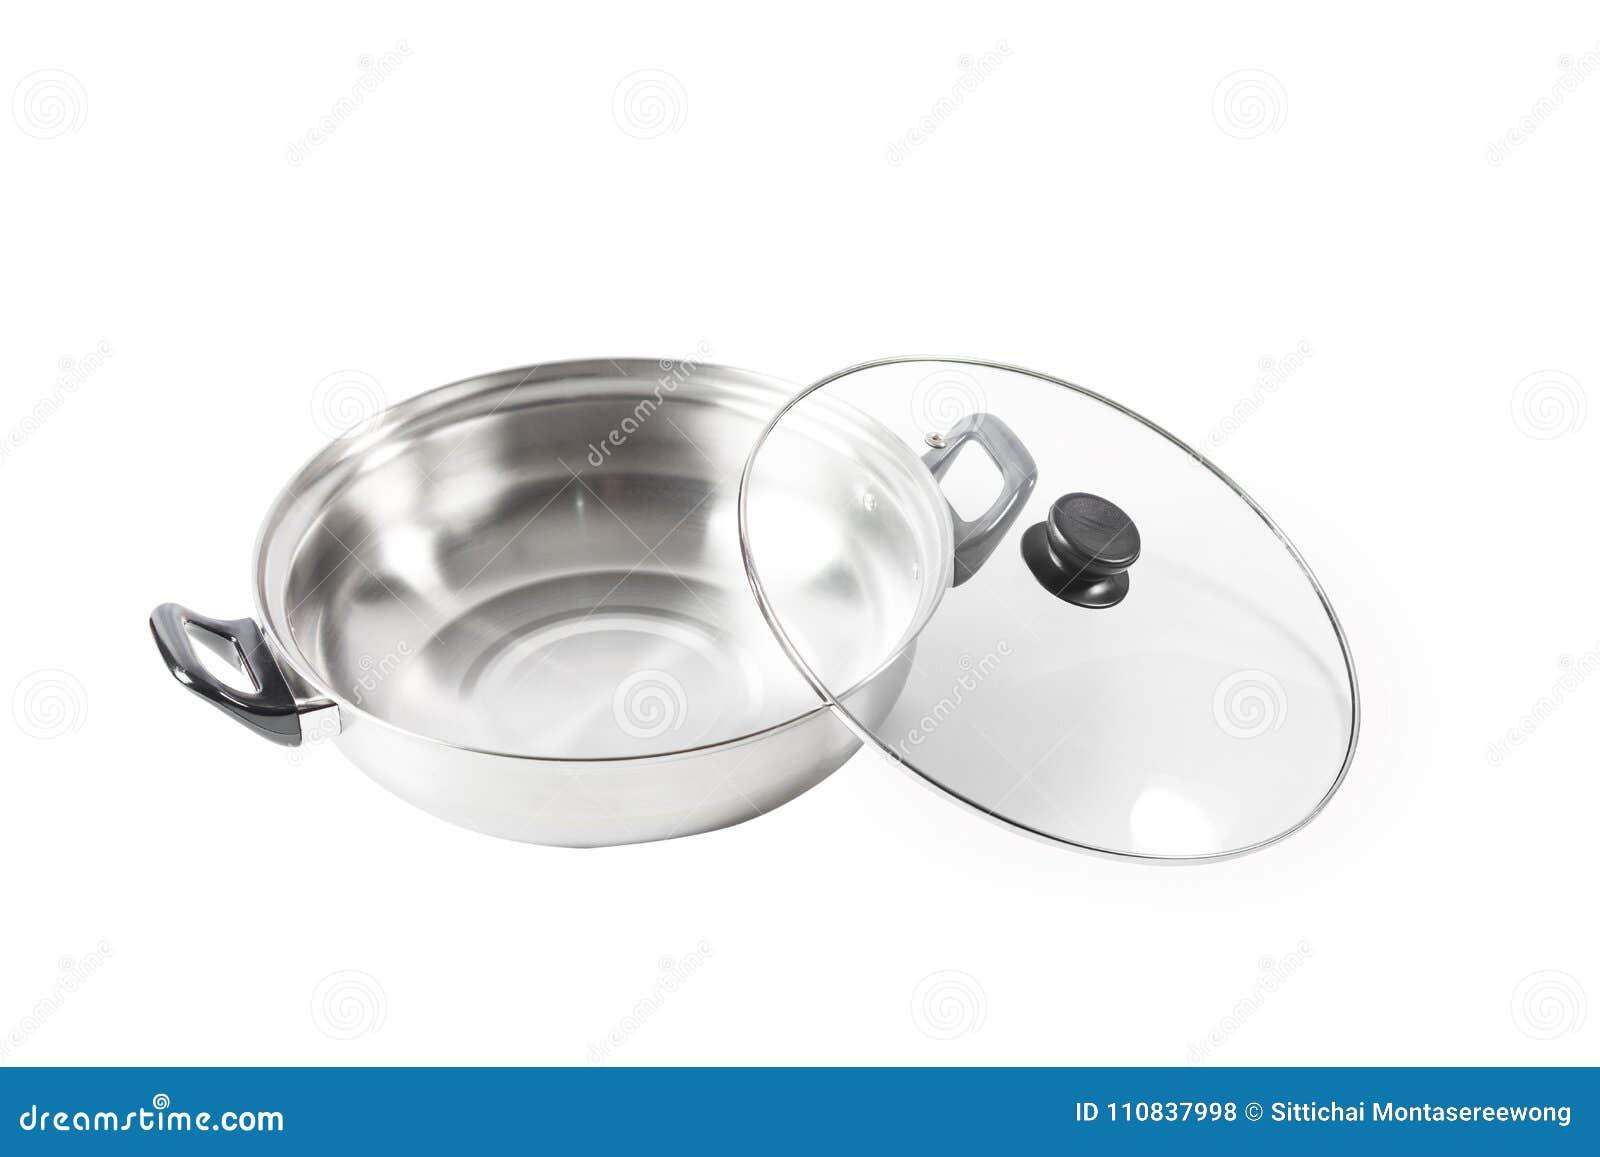 Kulinarny garnek jest przedmiotem który może używać dla różnorodnego kucharstwa S